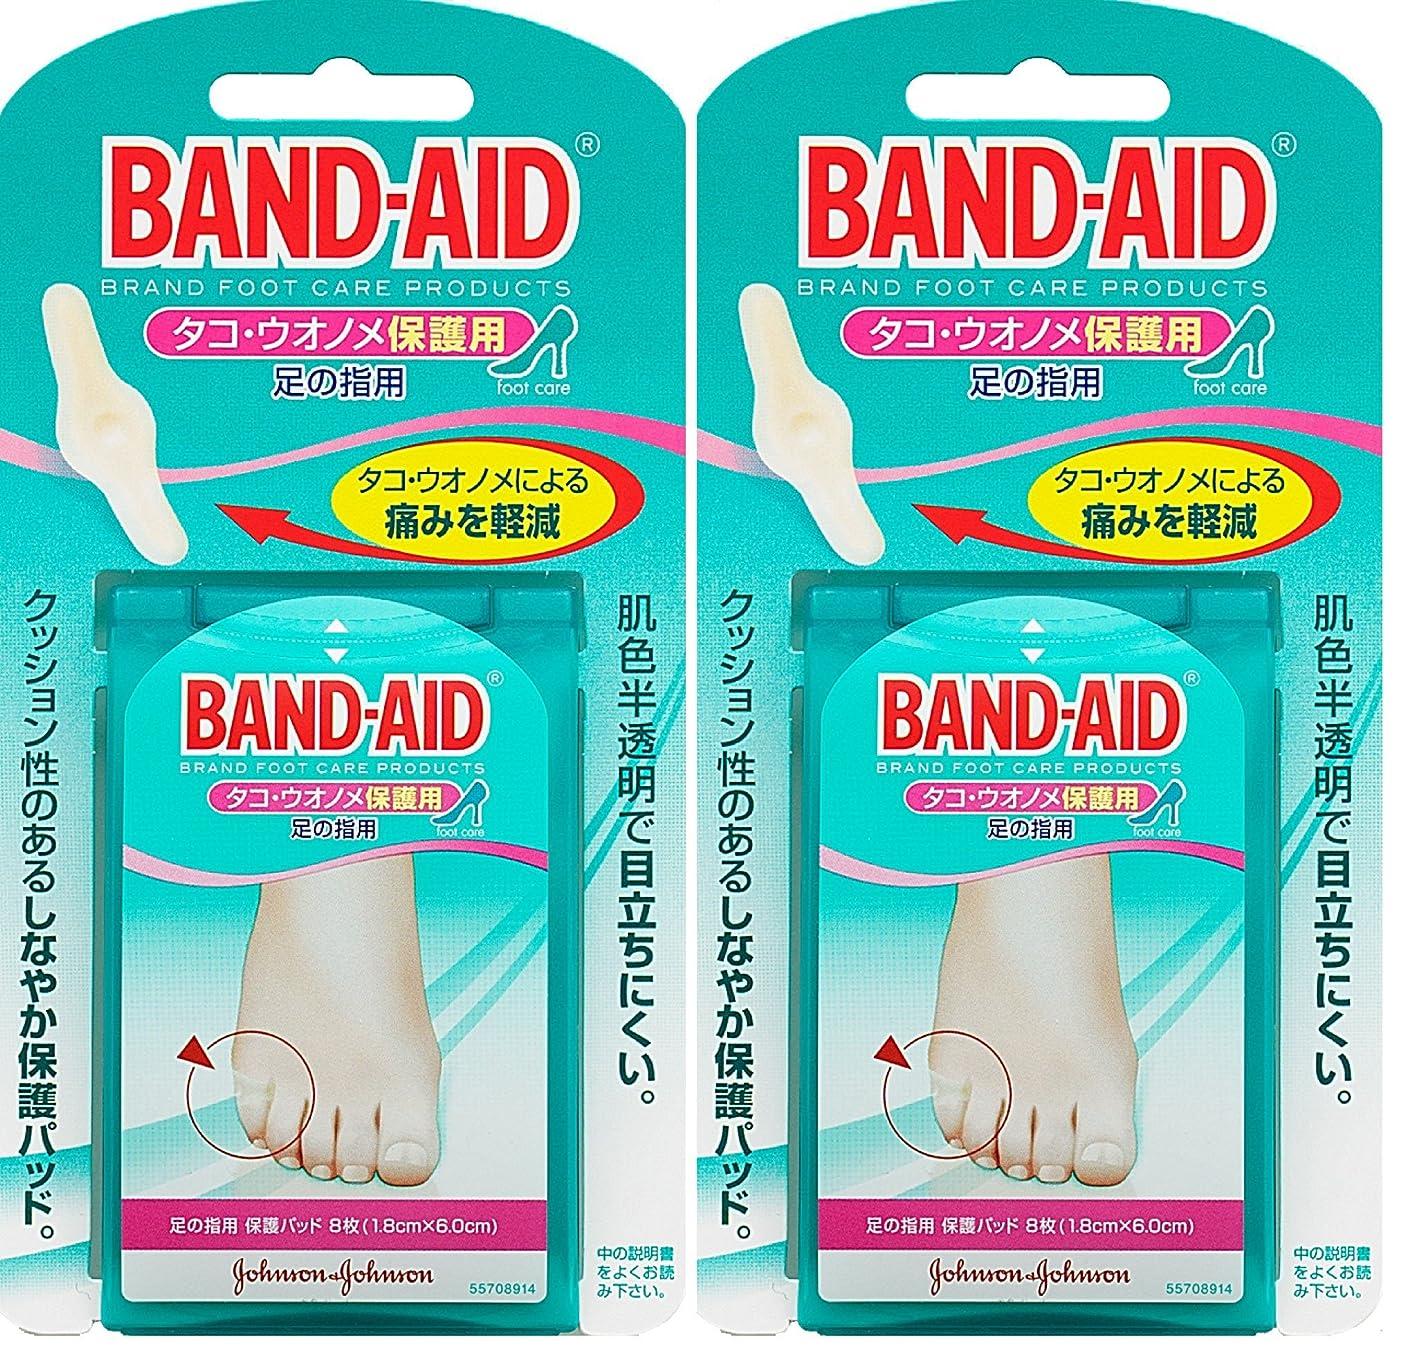 ビザチャーター懐【まとめ買い】BAND-AID(バンドエイド) タコ?ウオノメ保護用 足の指用 8枚×2個